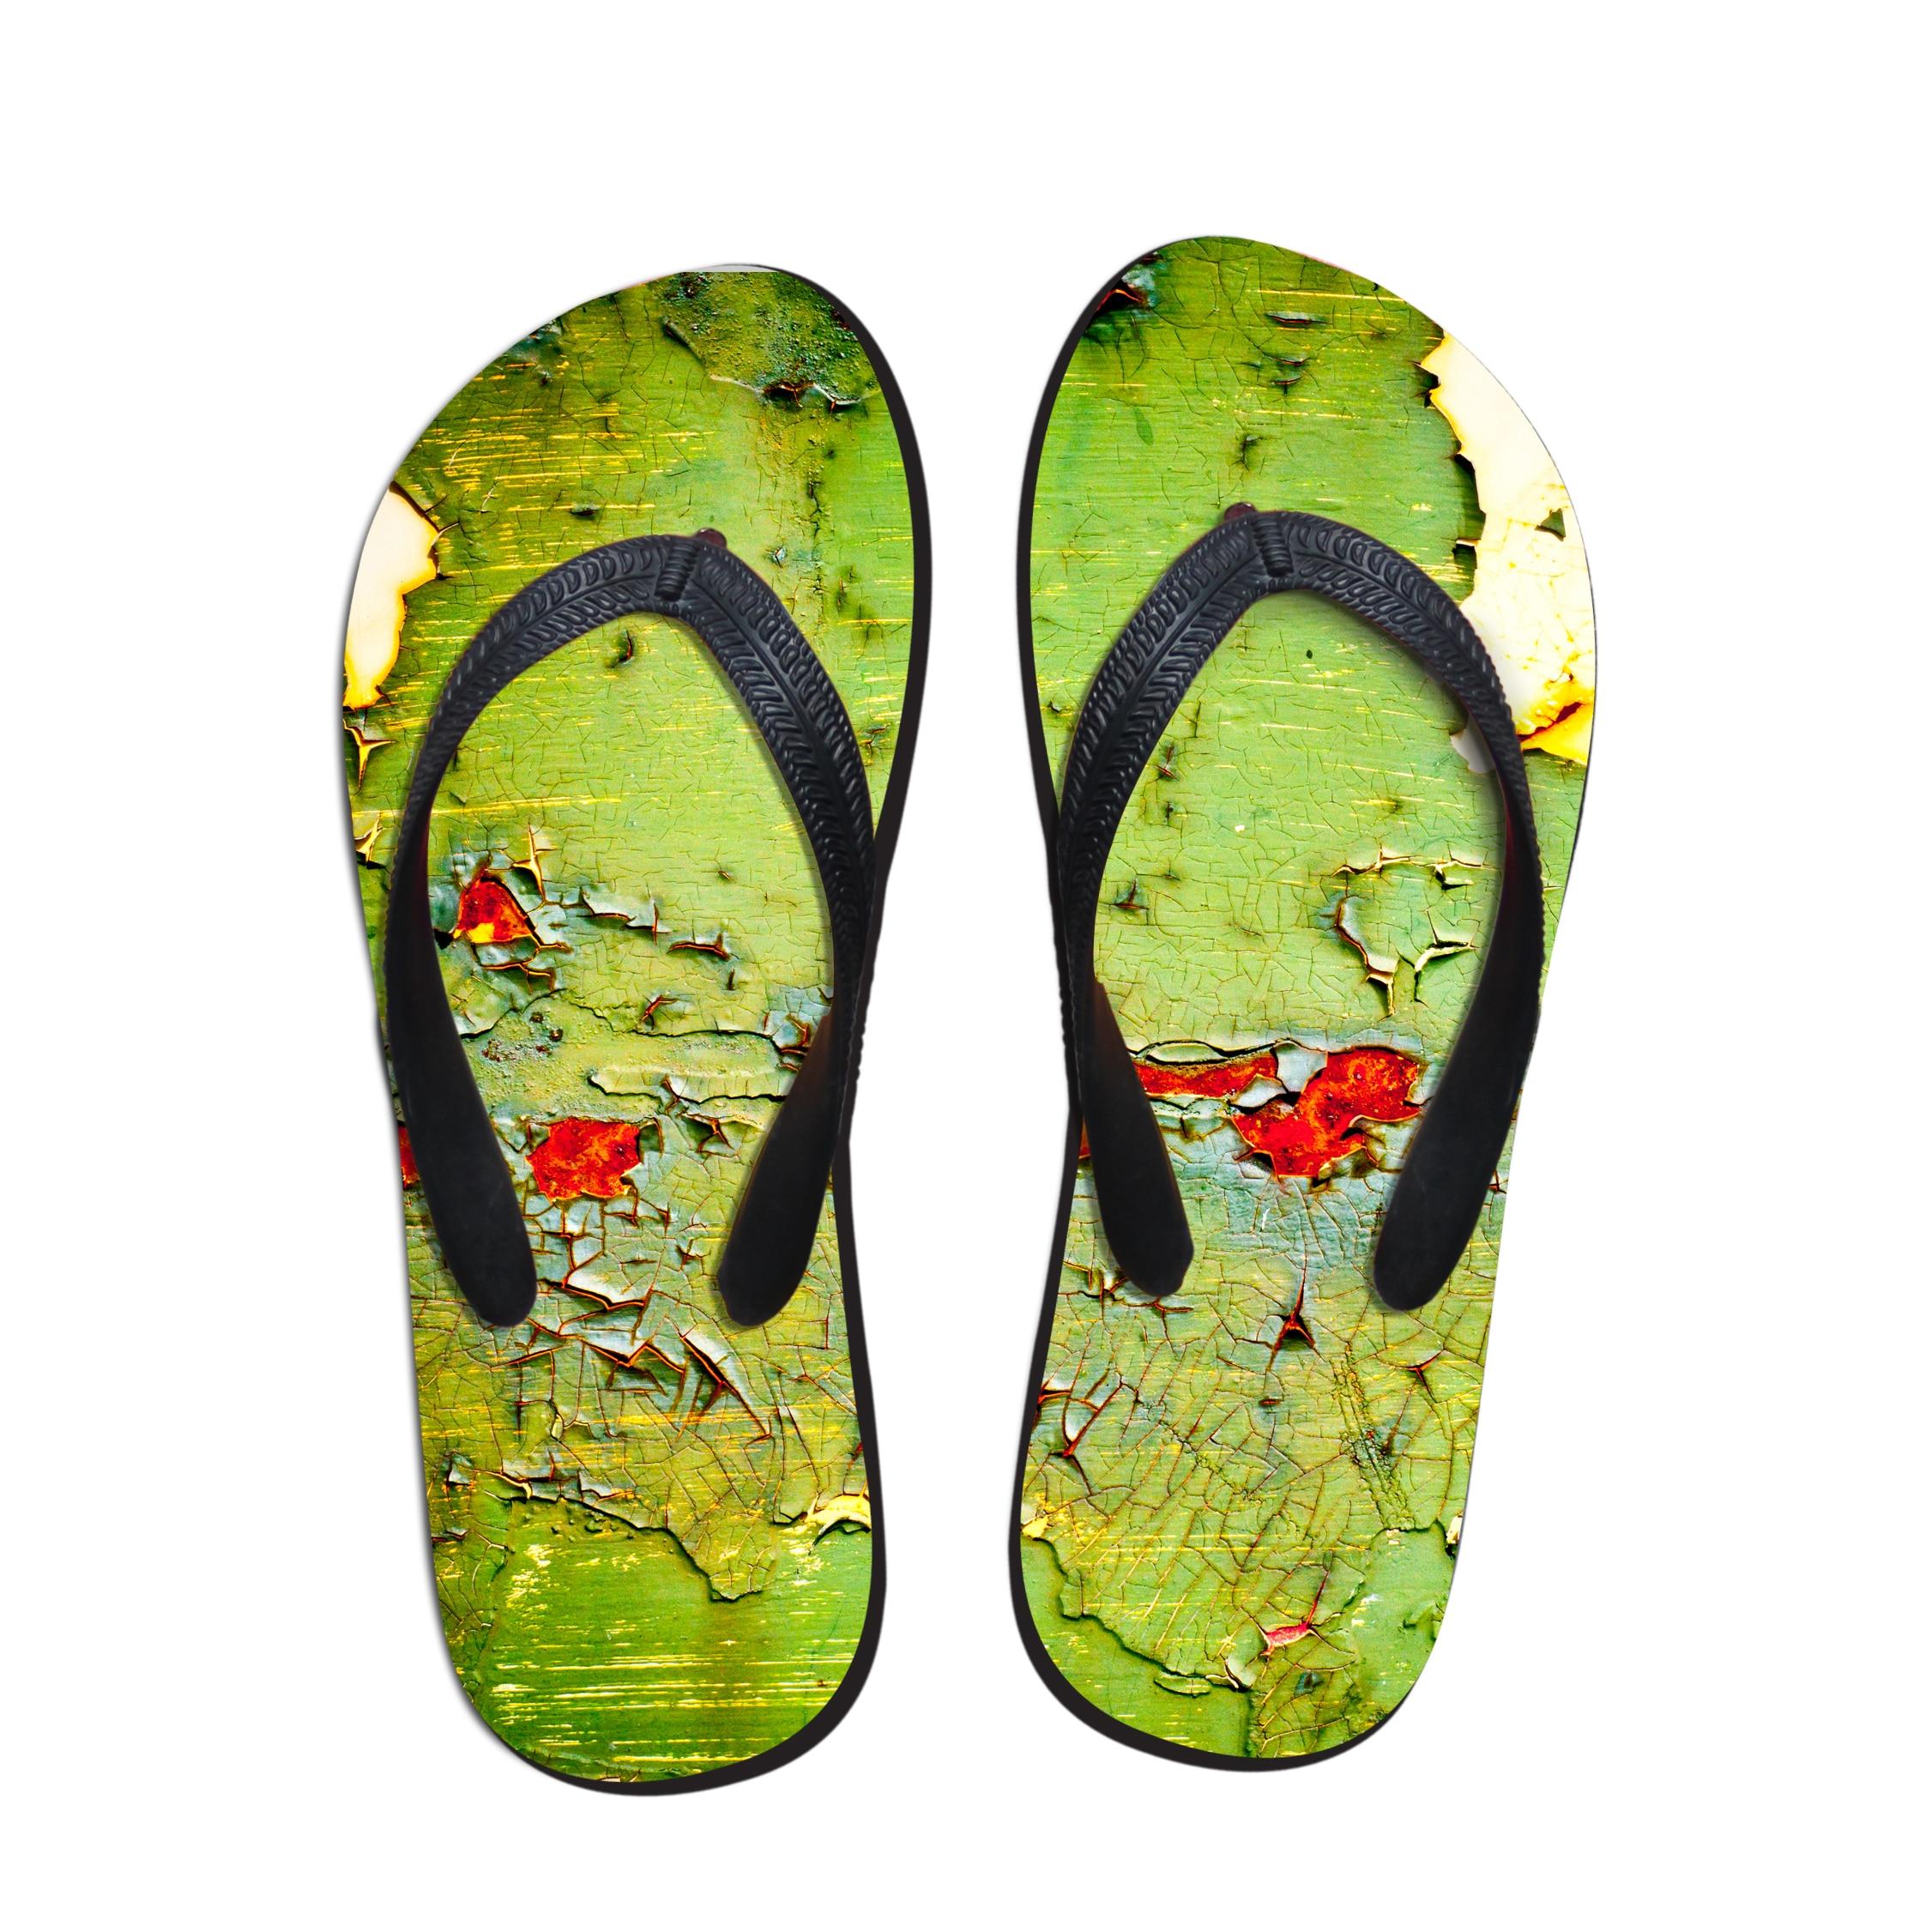 ELVISWORDS/мужские тапочки с принтом; мужские вьетнамки в винтажном стиле; парные туфли для подростков; модные шлепанцы без застежки; домашняя обувь - Цвет: C1013AB